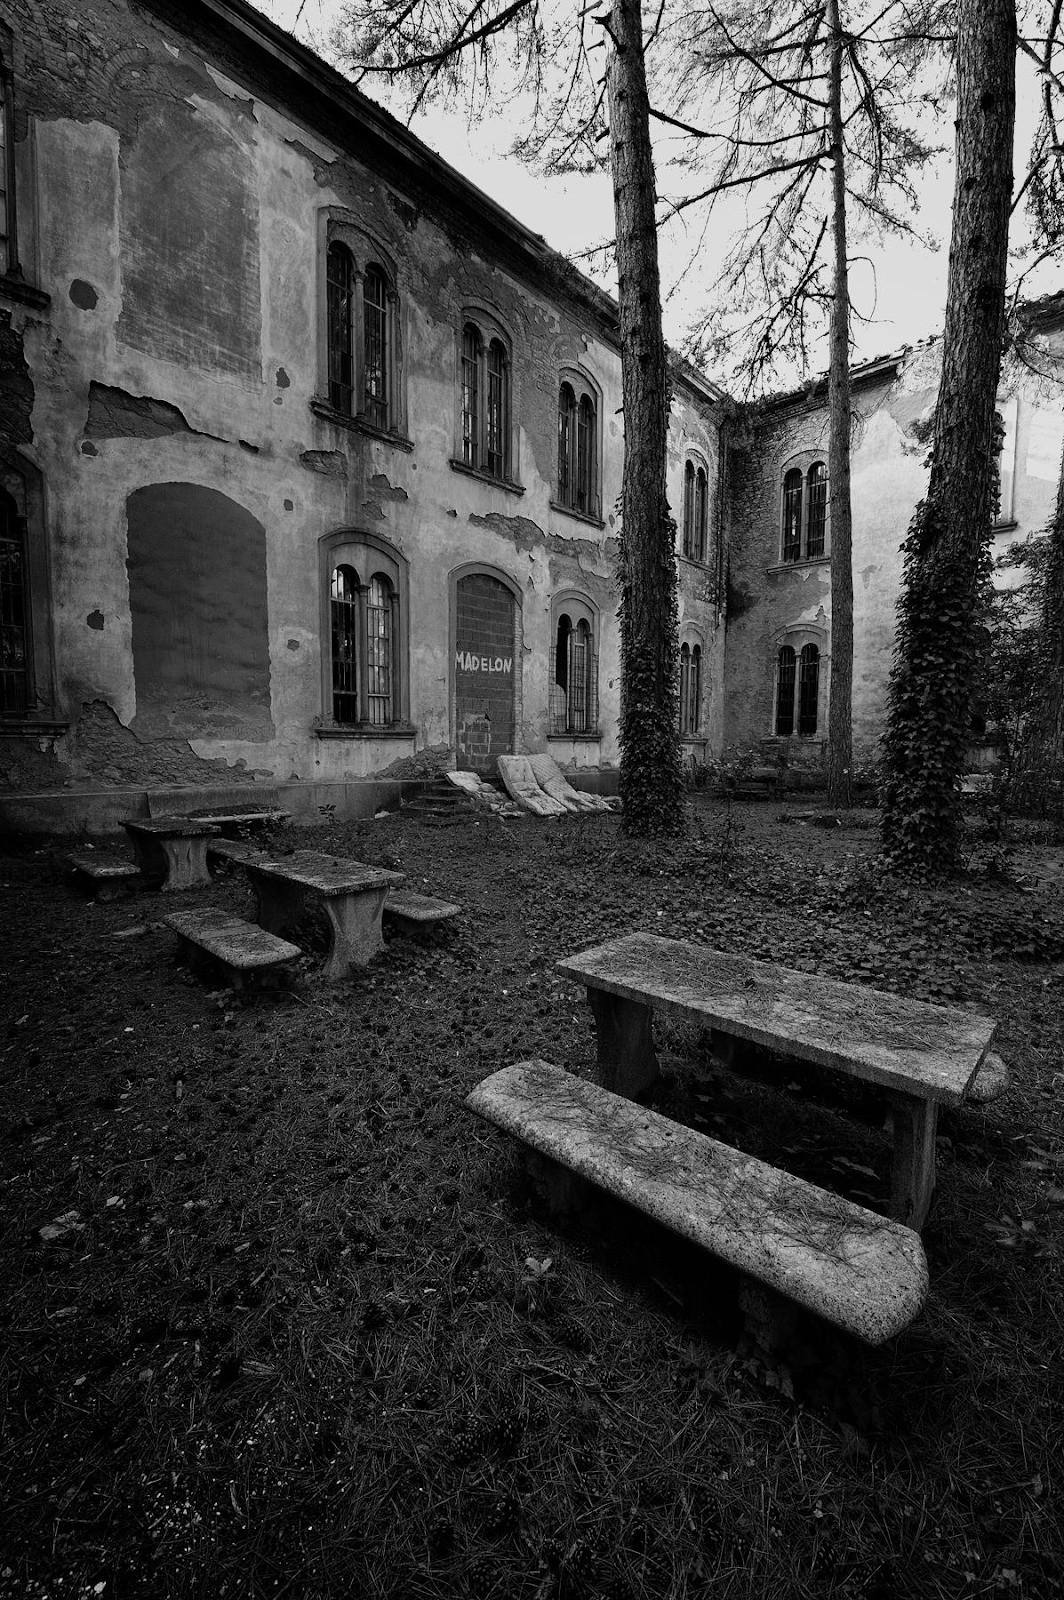 """Bệnh viện tâm thần """"một đi không trở lại"""" ở Ý: Nơi giam giữ 6.000 bệnh nhân, phải đóng cửa vì phương pháp chữa trị vô nhân tính 2"""